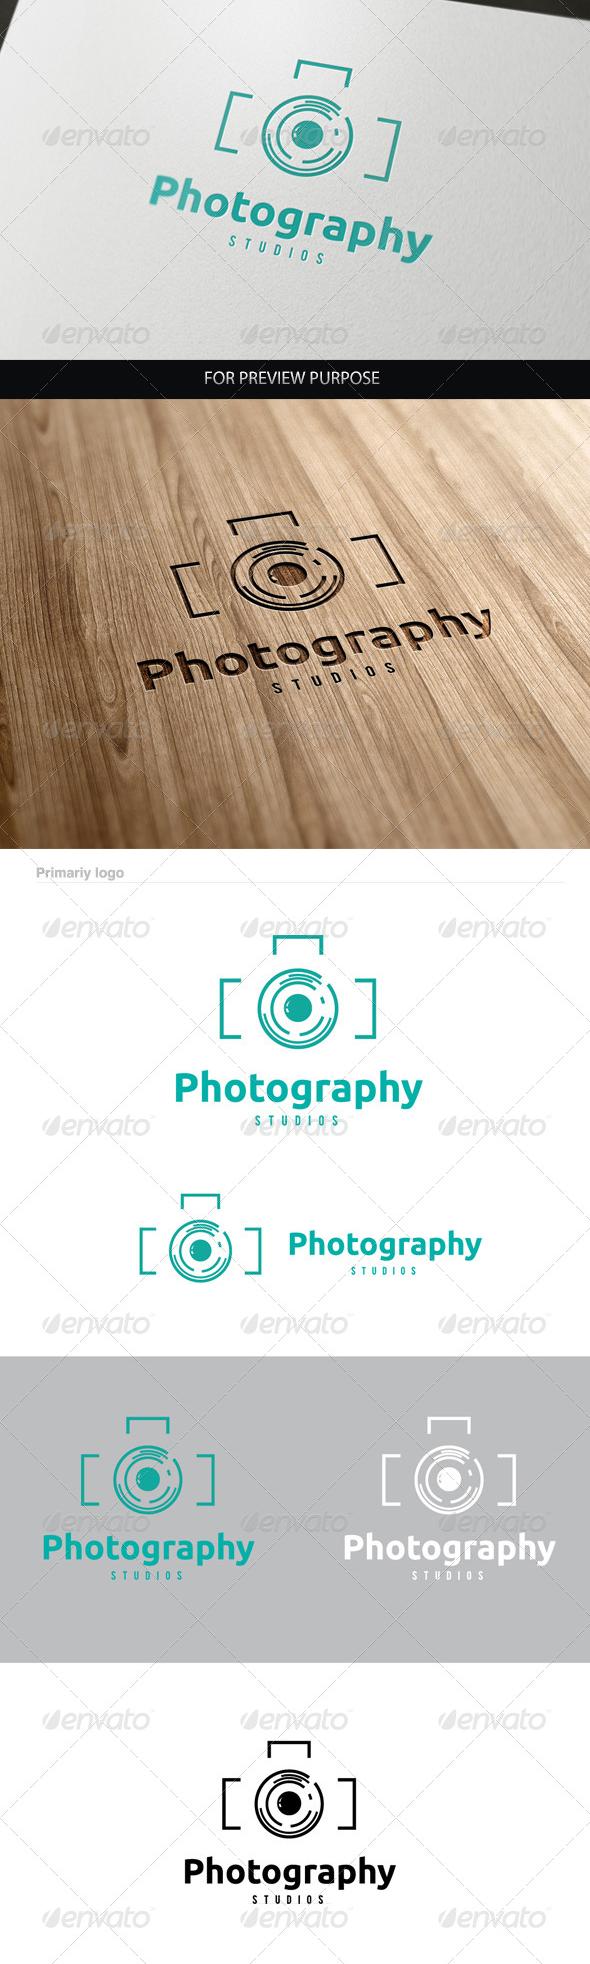 Photography-logo-creative-ideas